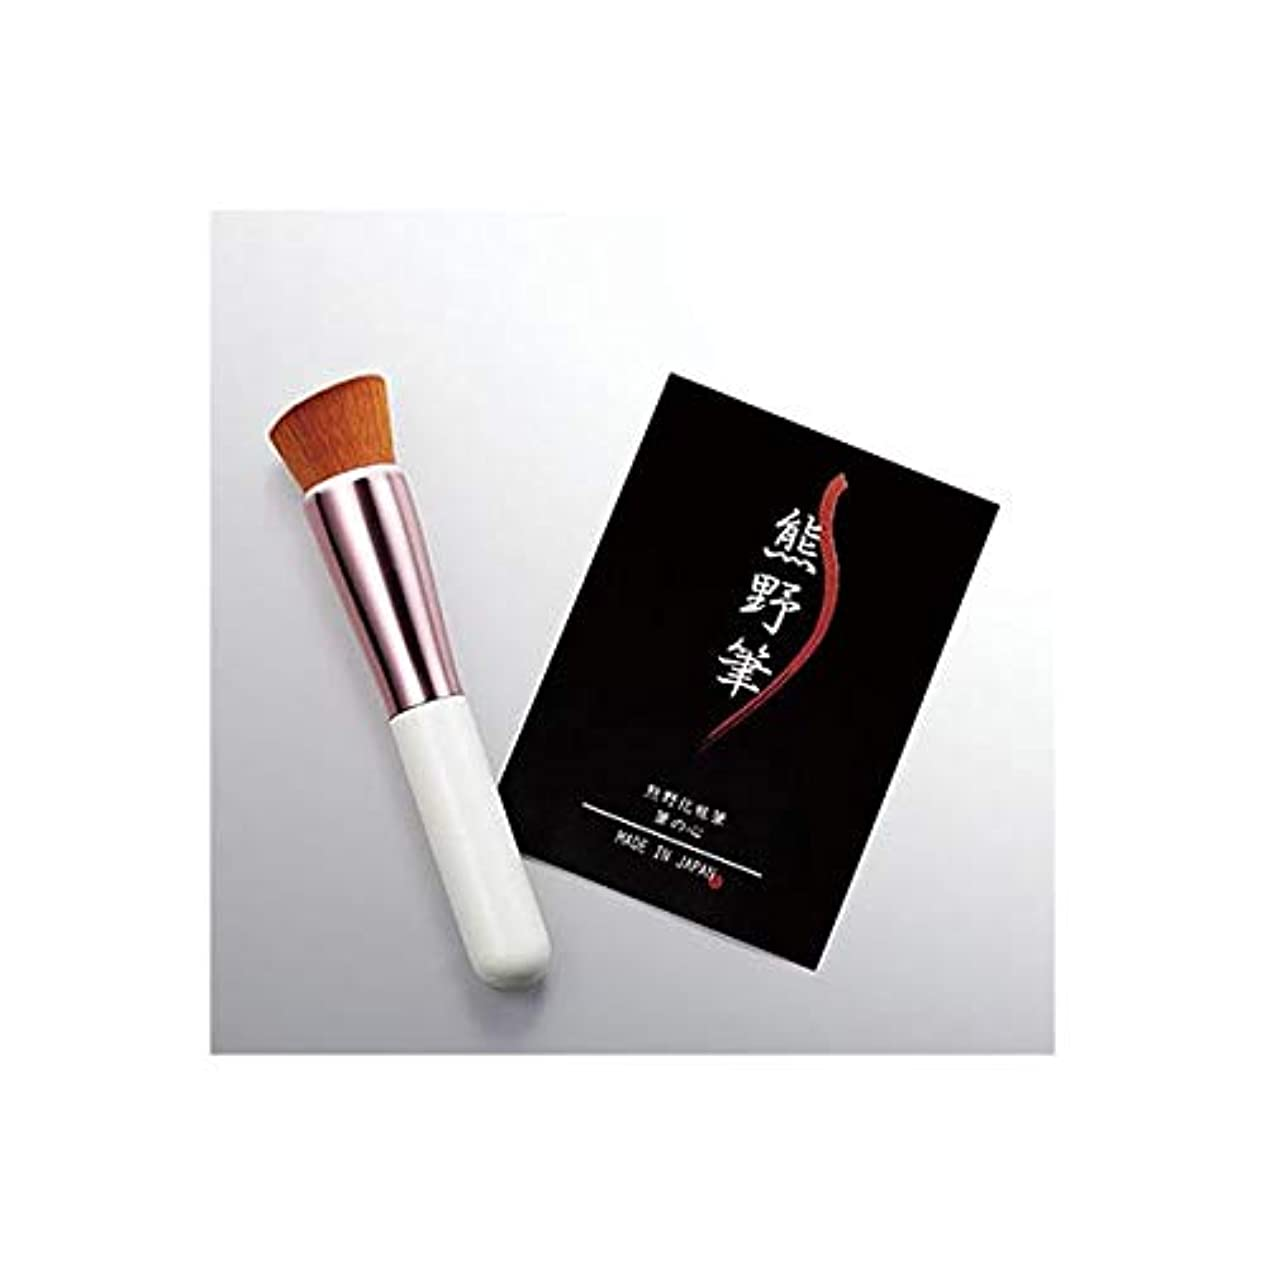 清める知覚的単なる[熊野化粧筆] 筆の心 リキッドブラシ